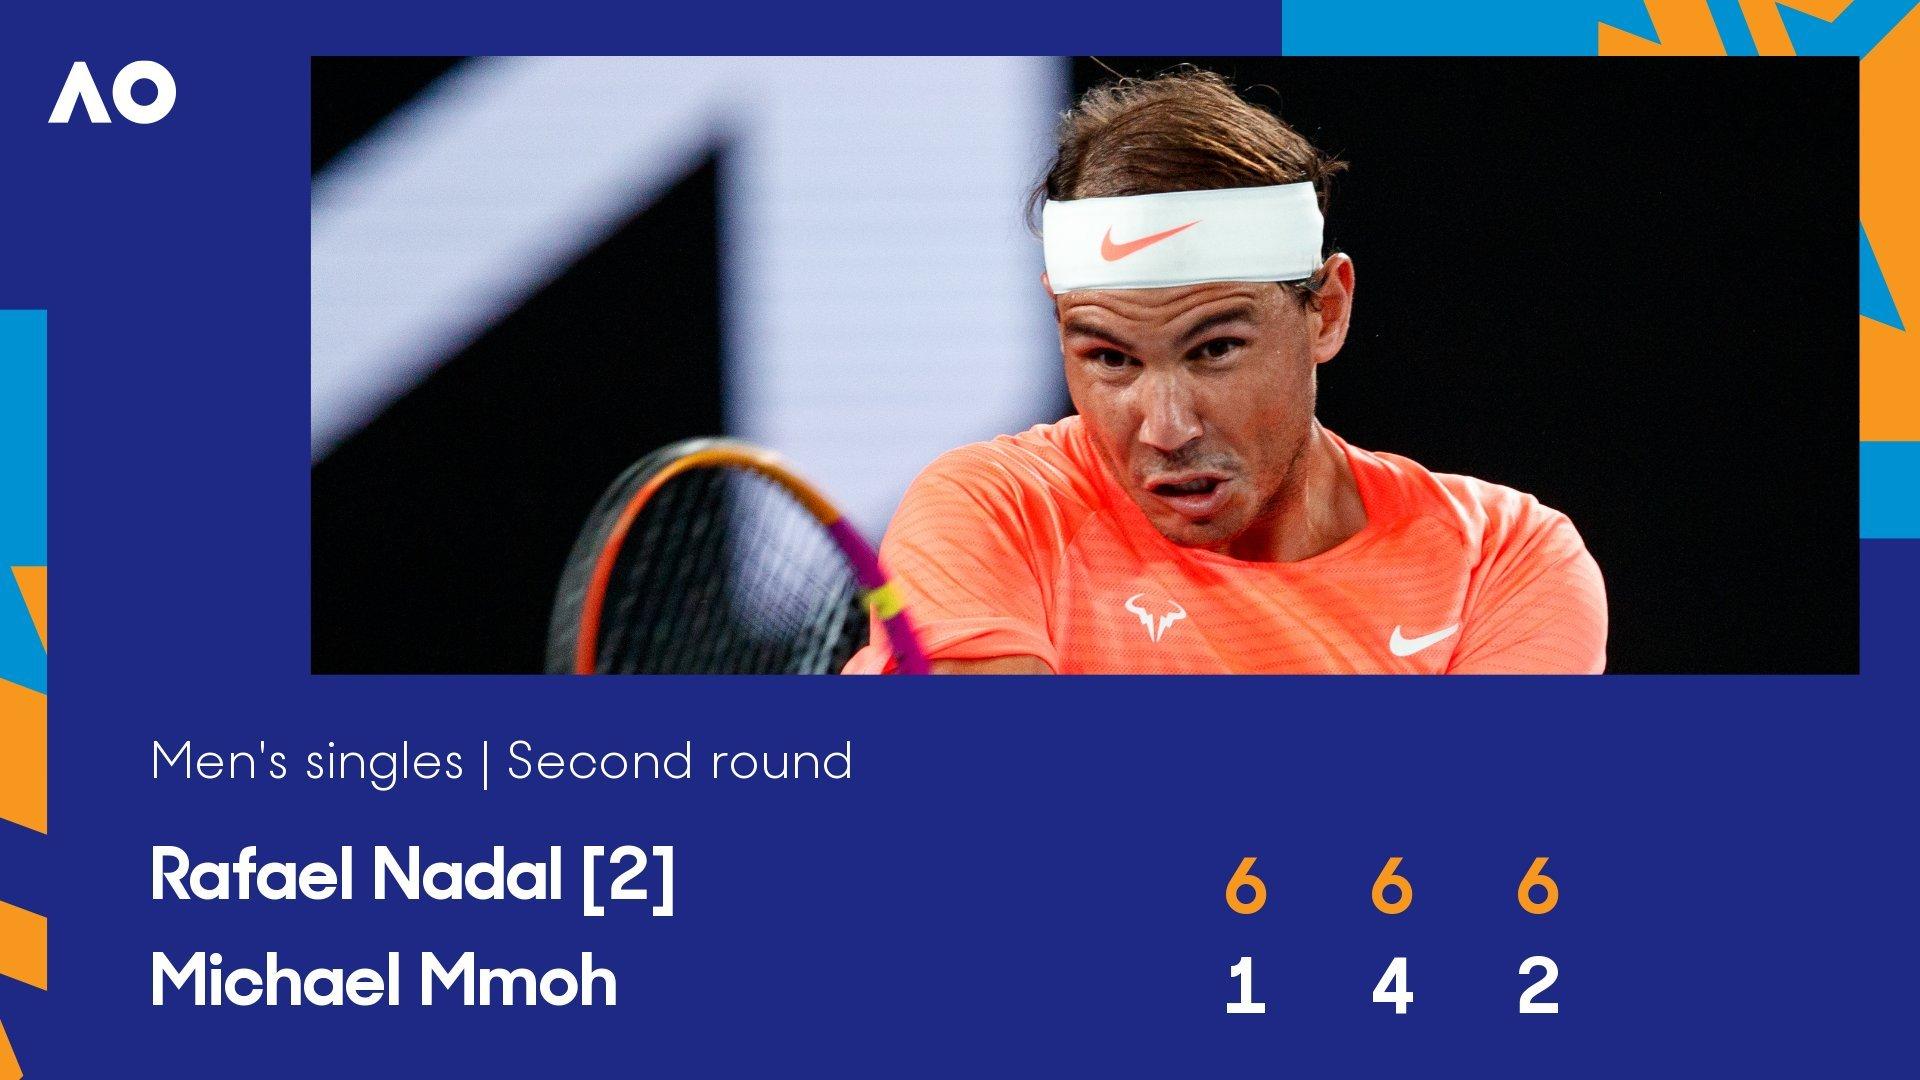 Australian Open ngày 4: Nadal tốc hành vào vòng 3